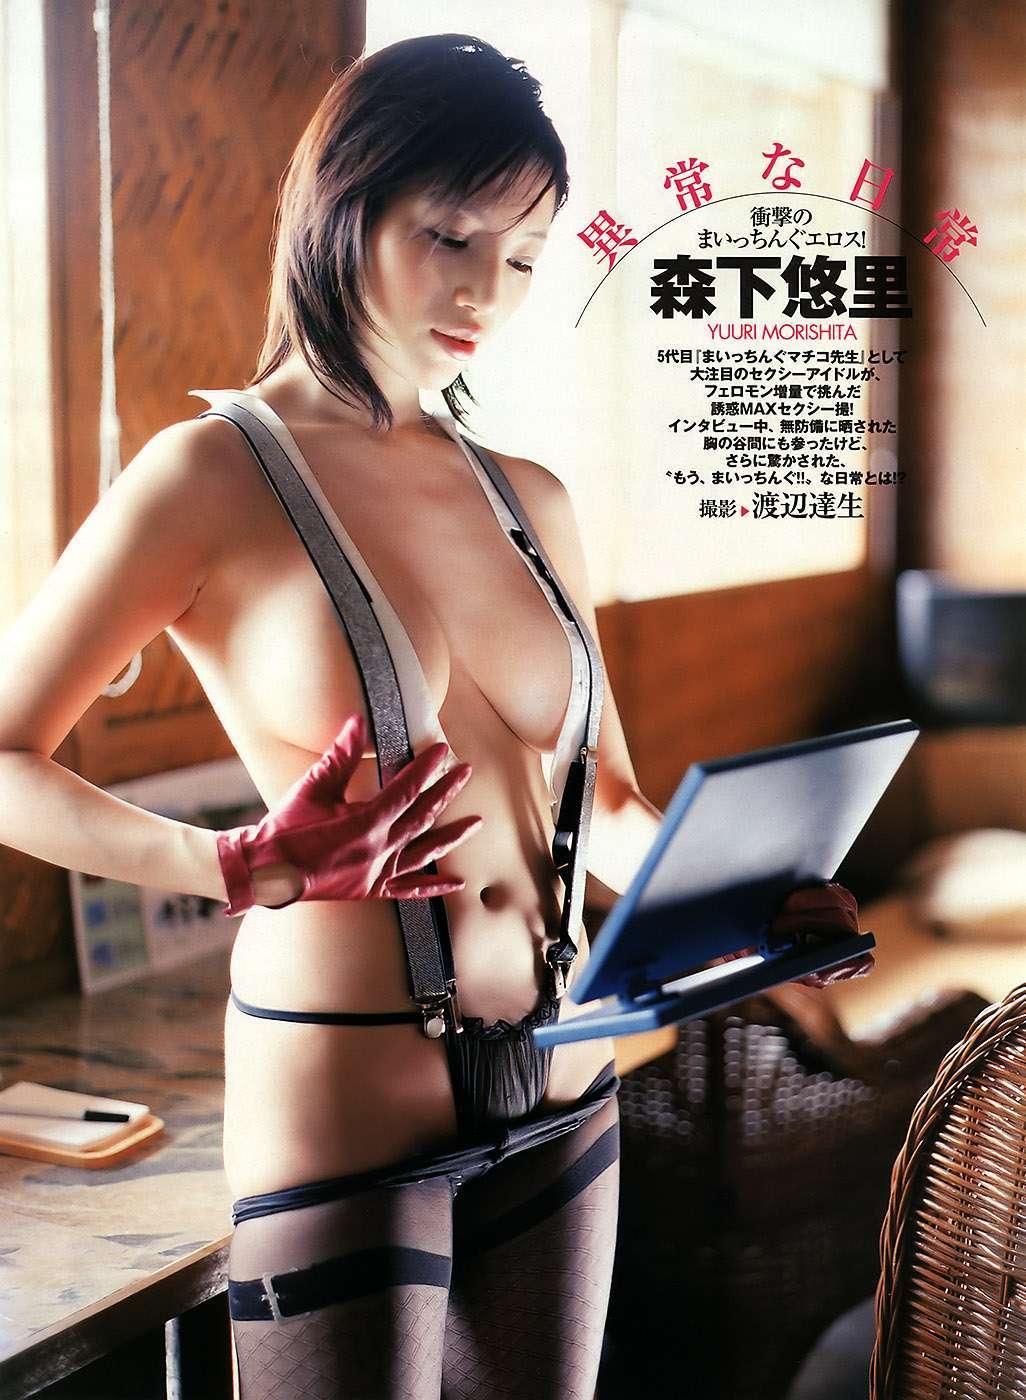 morishita_yuri160.jpg